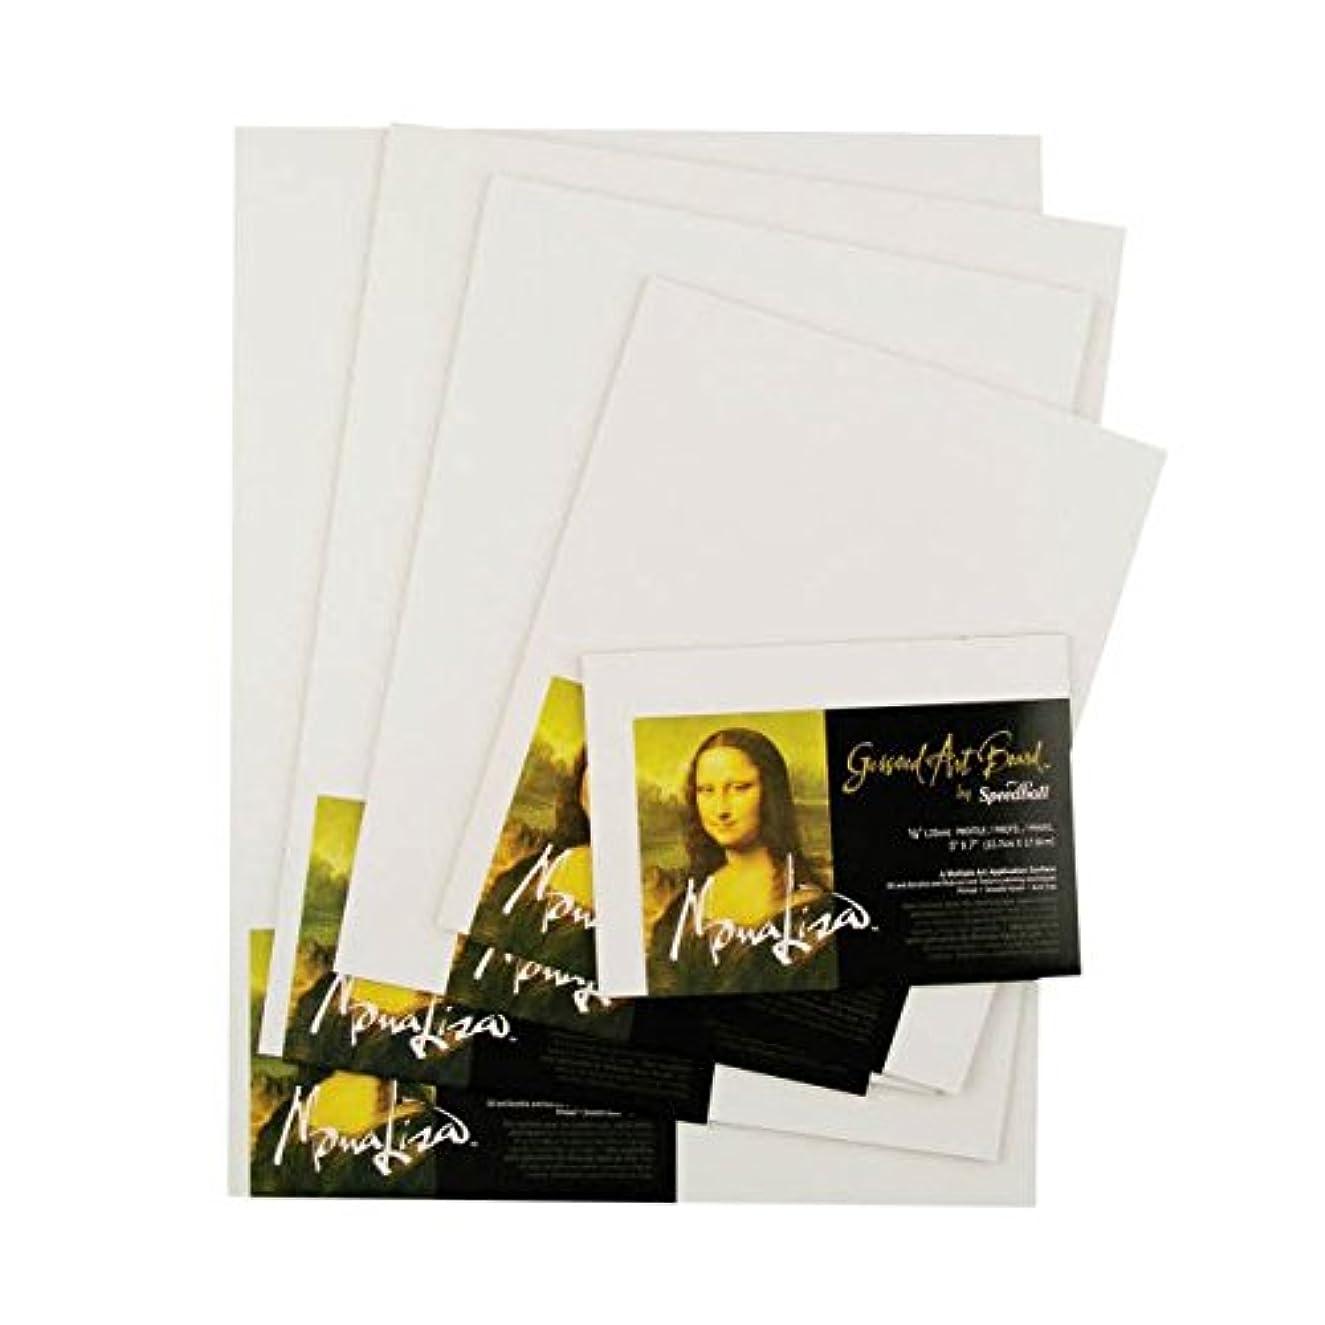 Speedball 854-1027 10309 Mona Lisa 14-Inch-by-18-Inch Gessoed Art Board